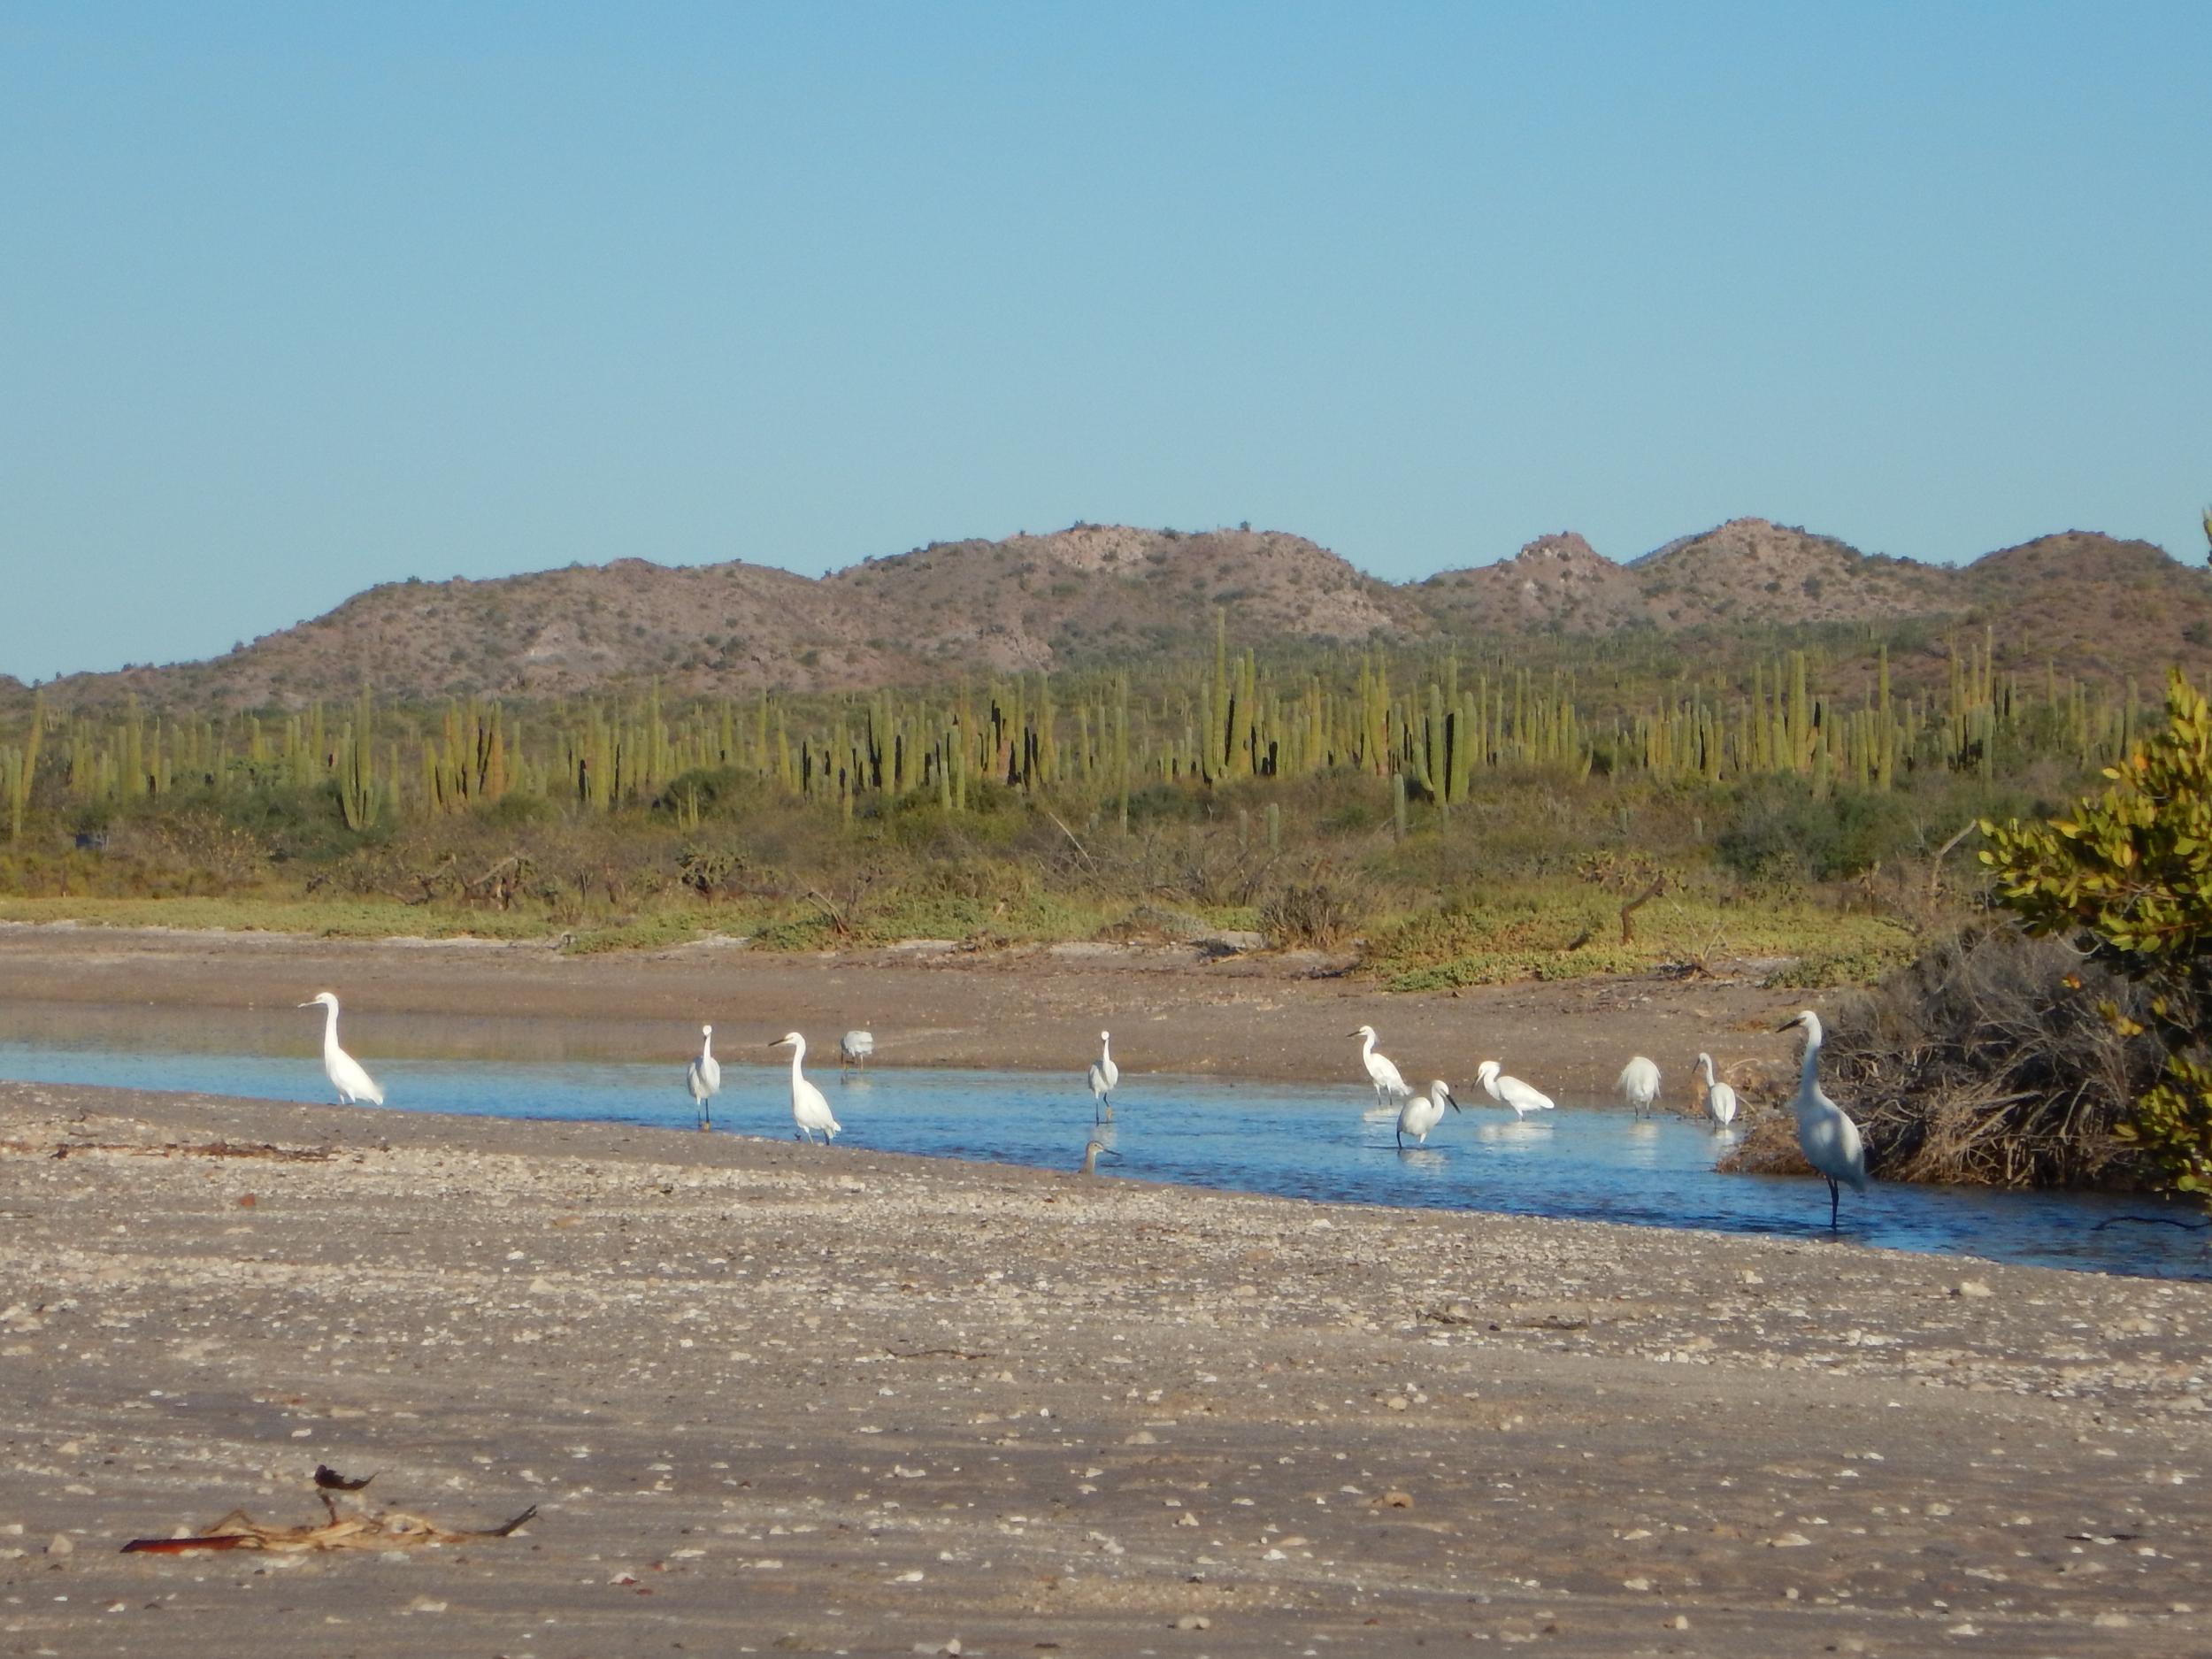 23. Egrets at Amortajada